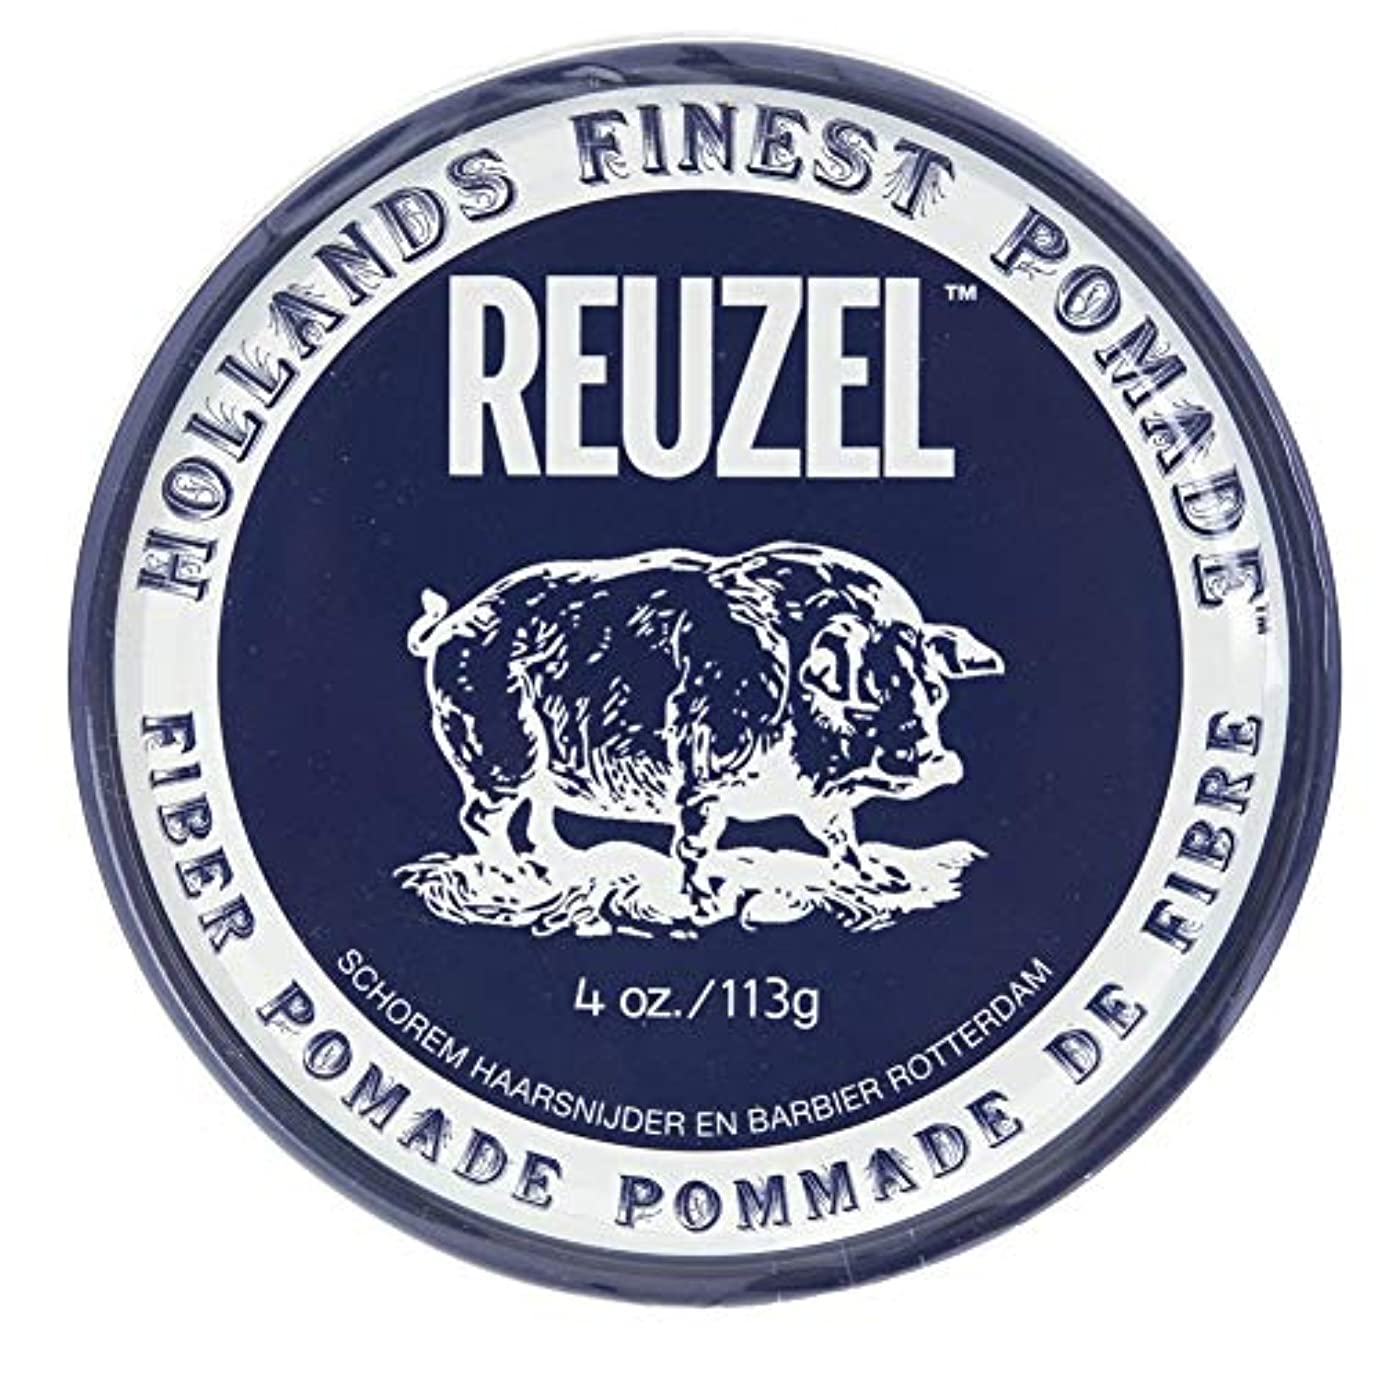 金曜日美しい結果としてルーゾー ネイビー ファイバー ポマード Reuzel Navy Fiber Pomade 113 g [並行輸入品]